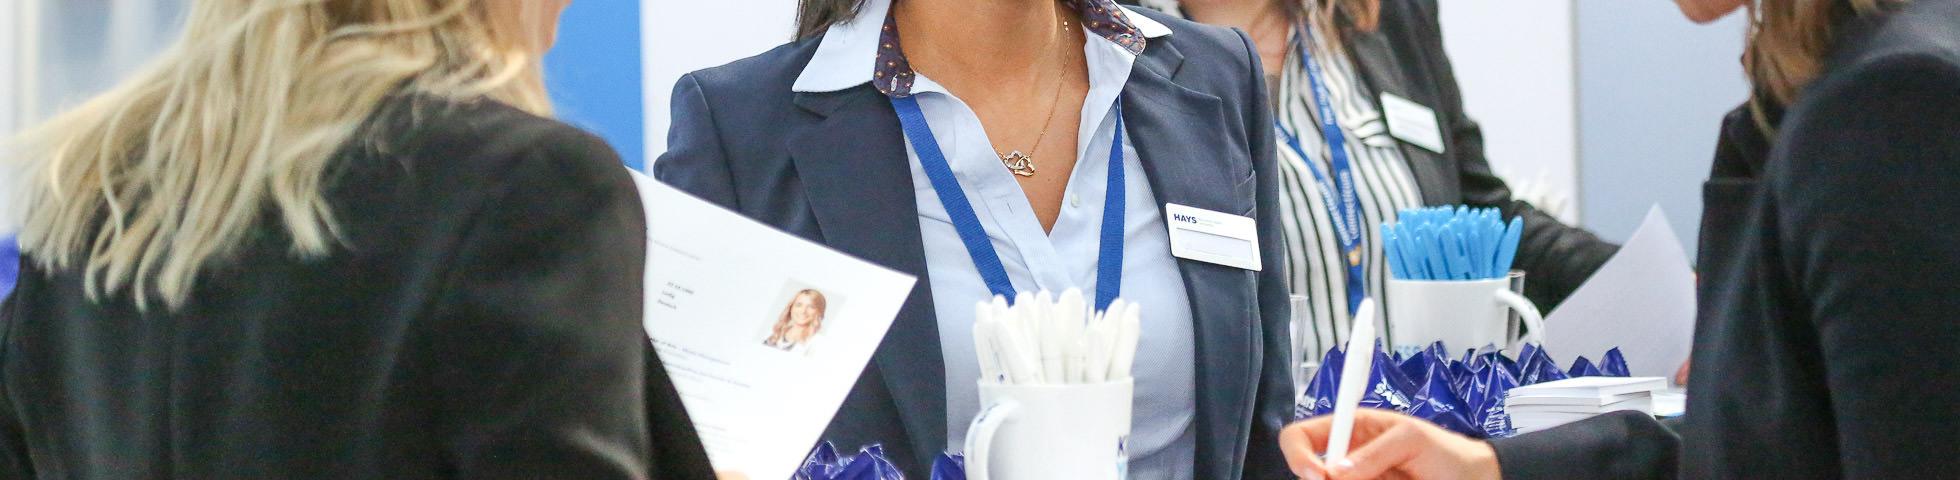 Foto eines Bewerbungsmappenchecks auf der Connecticum mit Mitarbeitern vom Employer Branding in der Halle